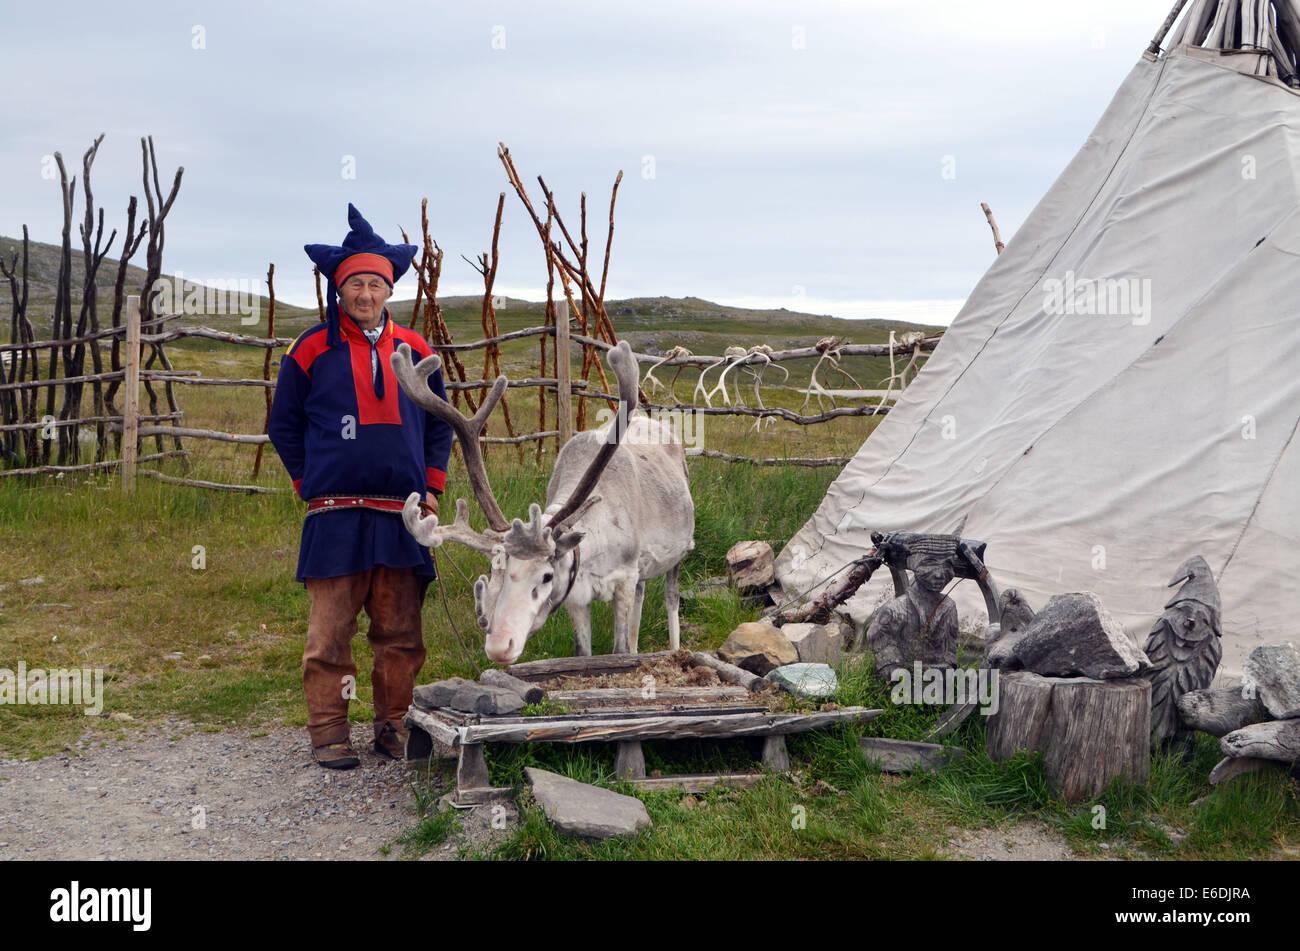 Honnigsvag, il popolo dei Sami, vivere come nomadi con i loro cervi tutto l'anno. Il popolo dei Sami vive con Immagini Stock